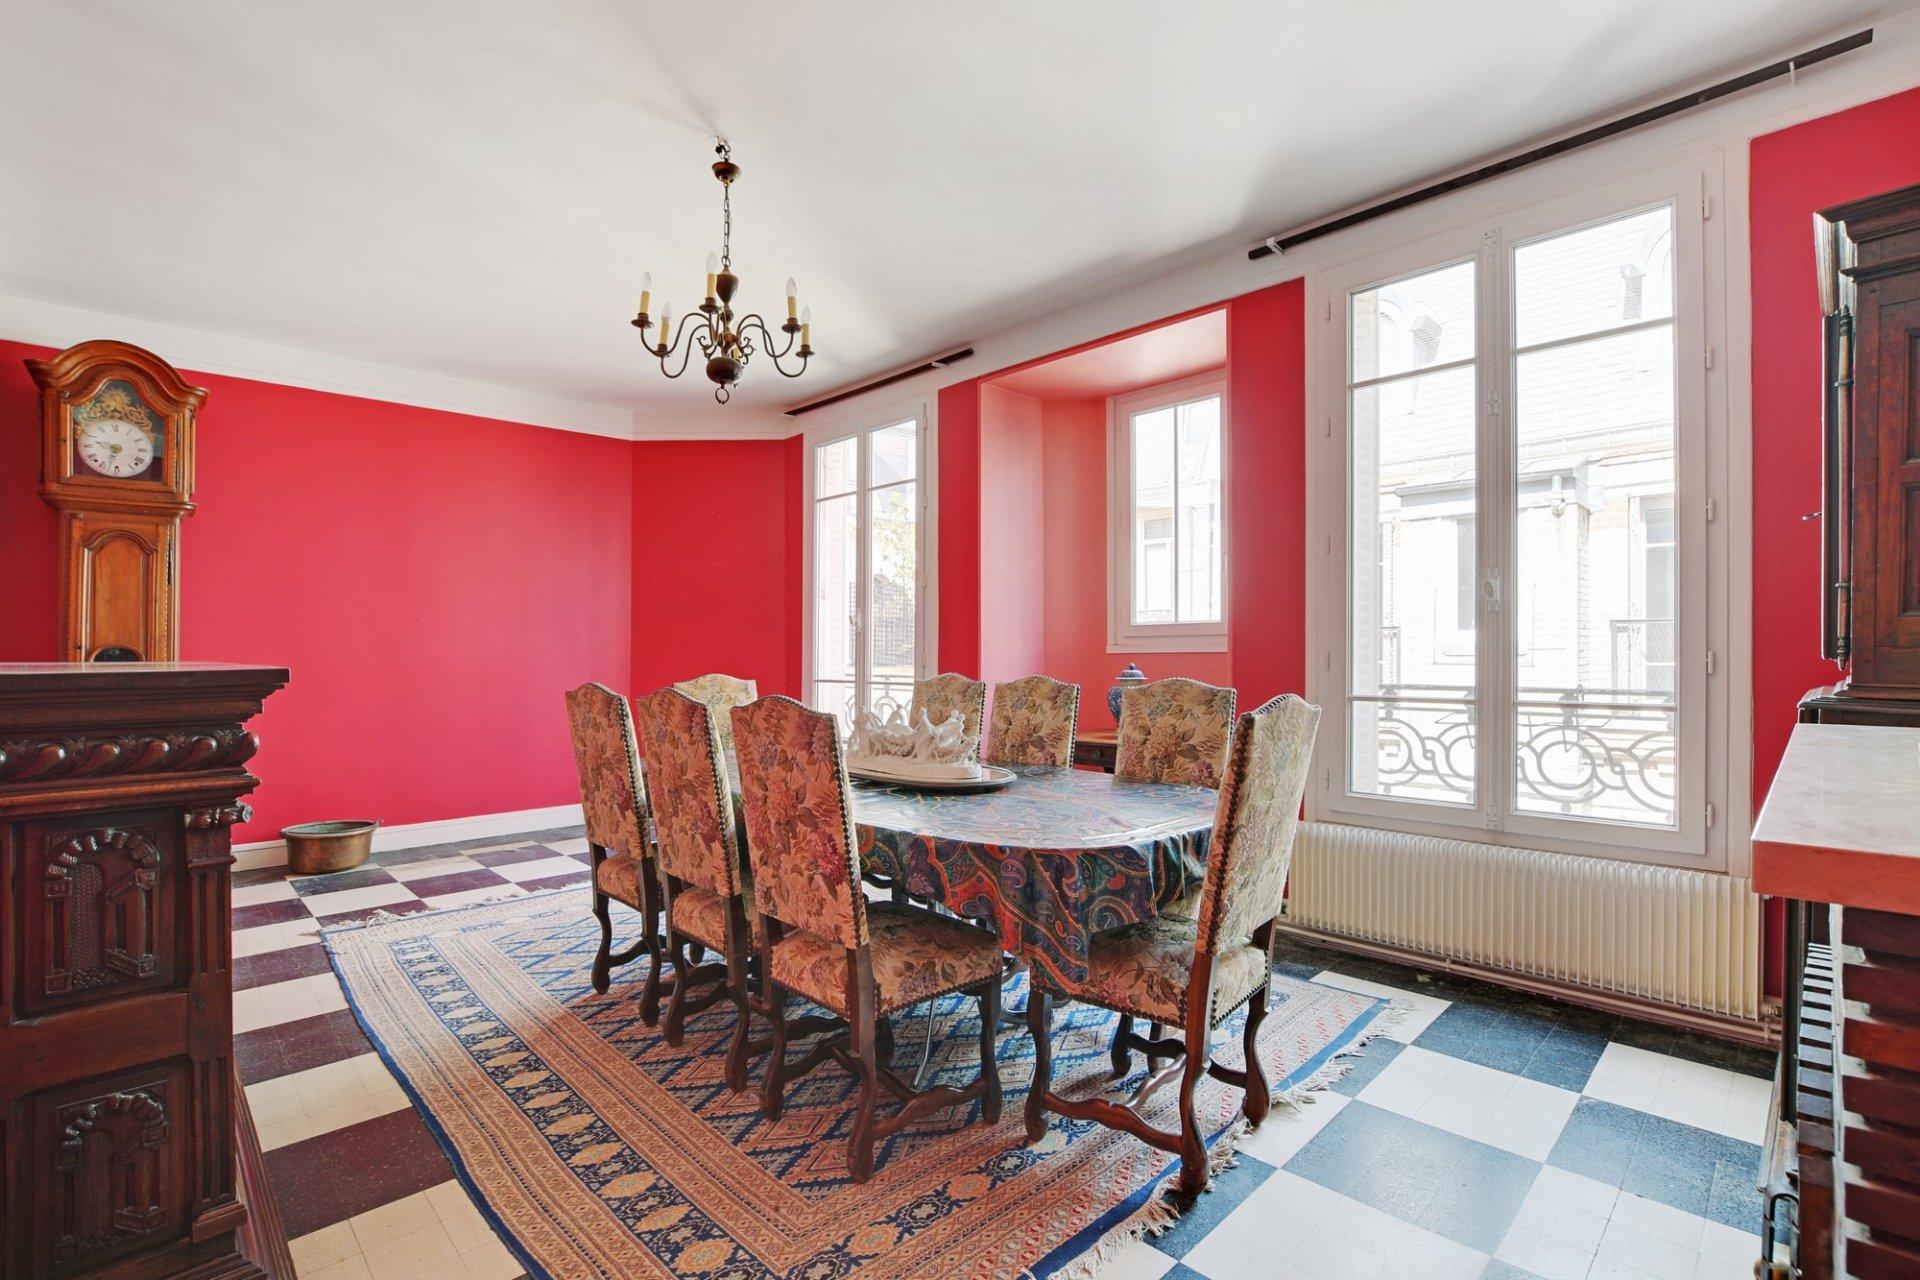 Sale Apartment - Paris 7th (Paris 7ème) École-Militaire